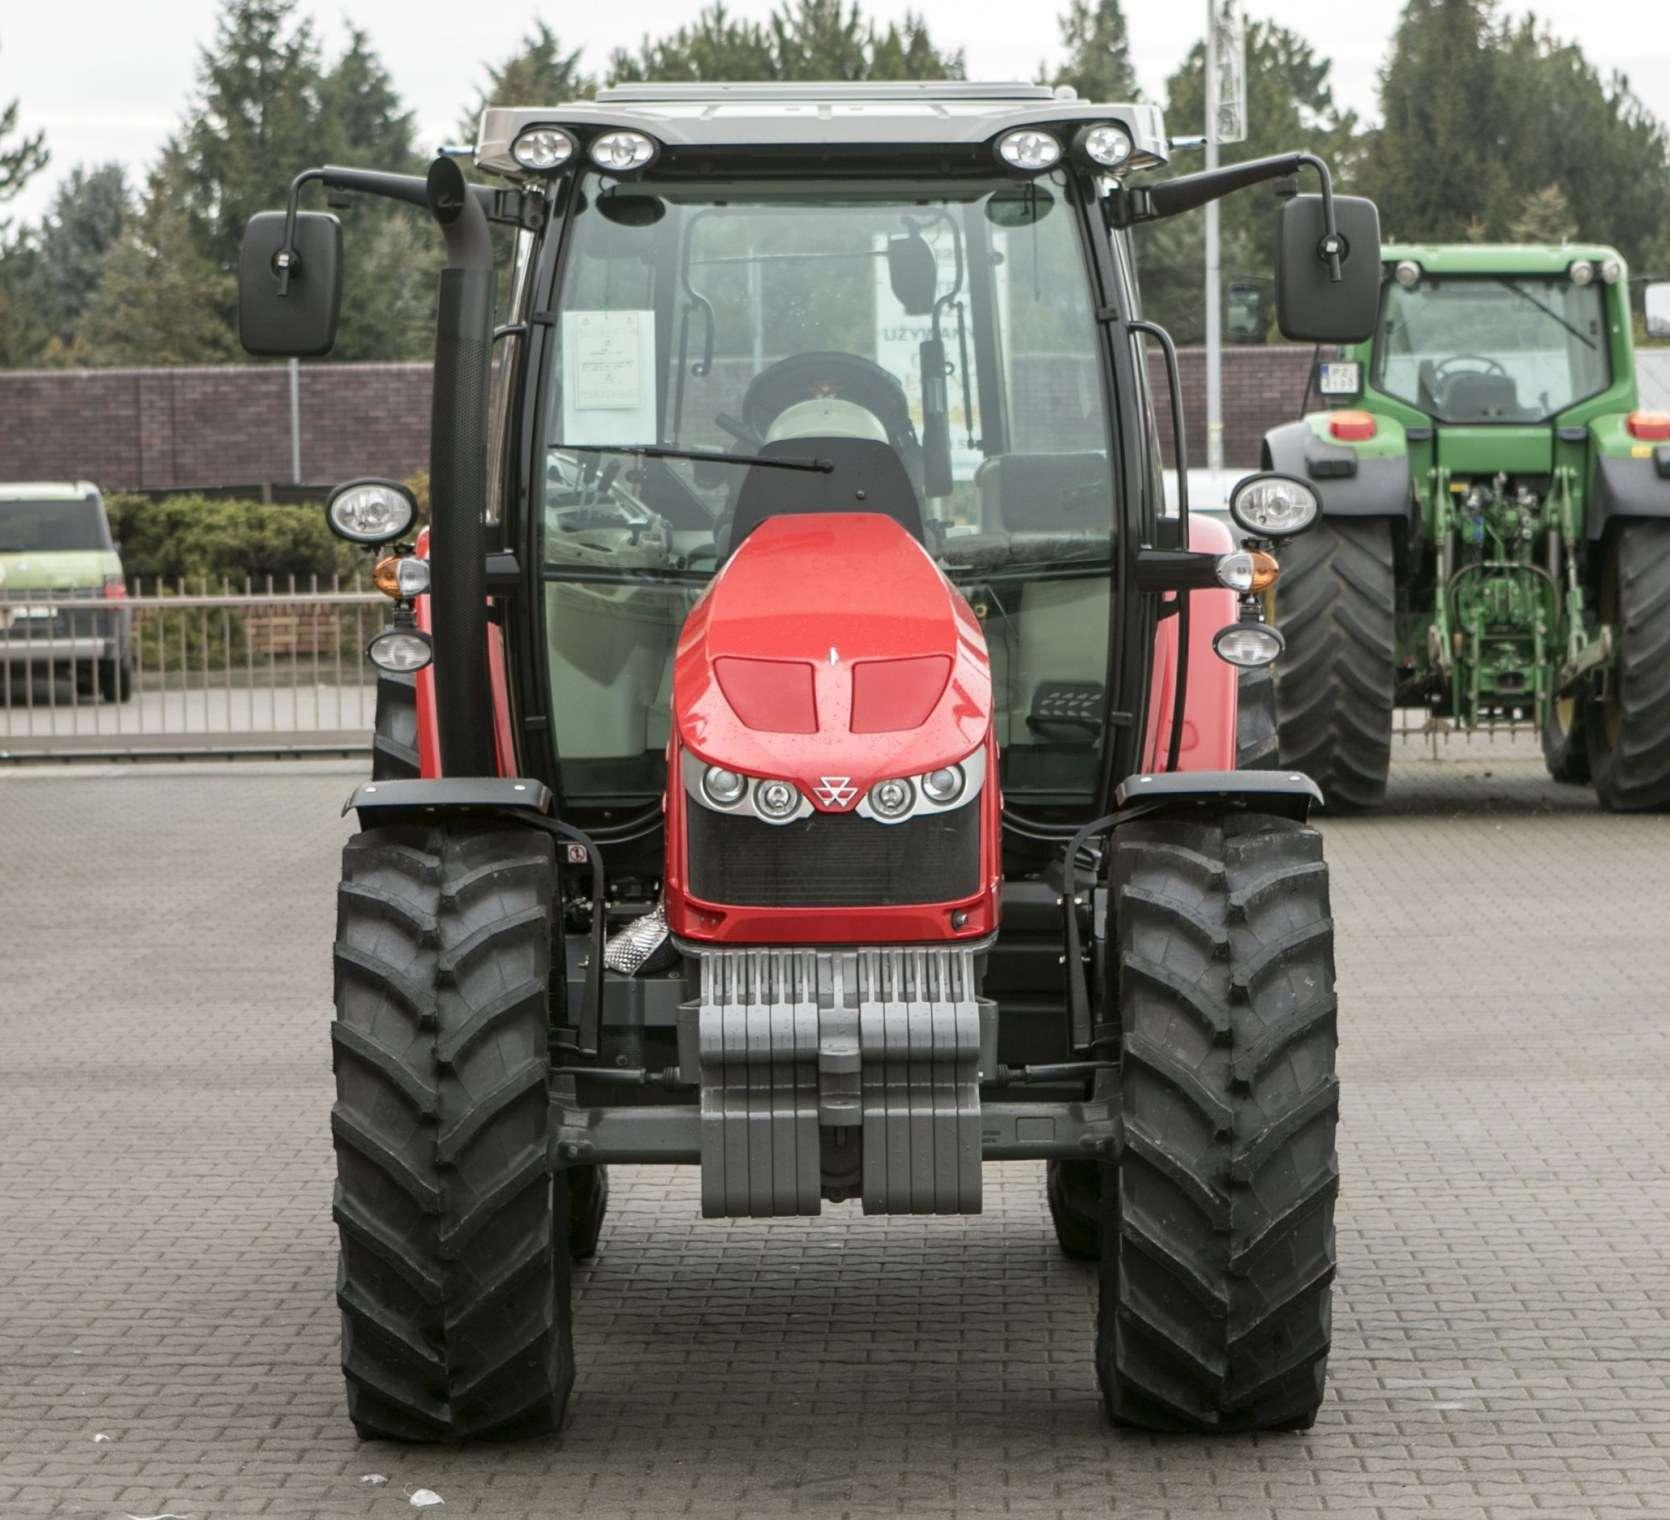 Frontowy widok na ciągnik rolniczy Massey Ferguson model 5611 z oferty korbanek.pl z obciążnikiem czołowym